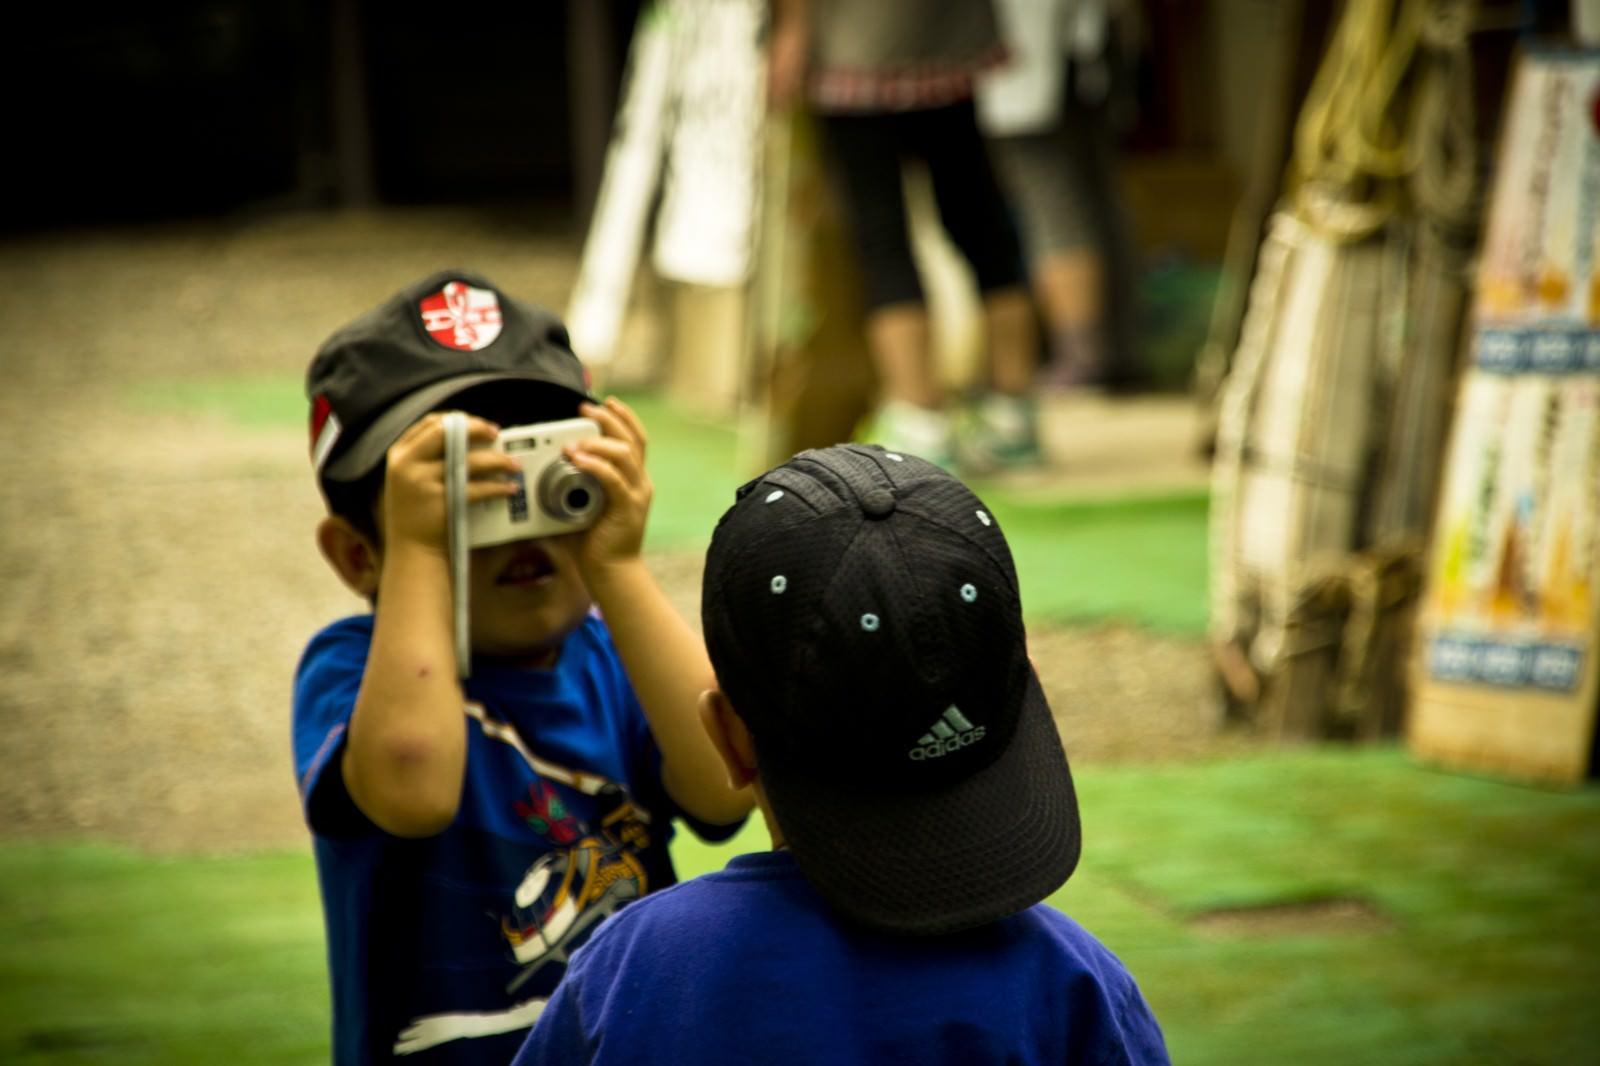 「写真を撮り合う子供の兄弟」